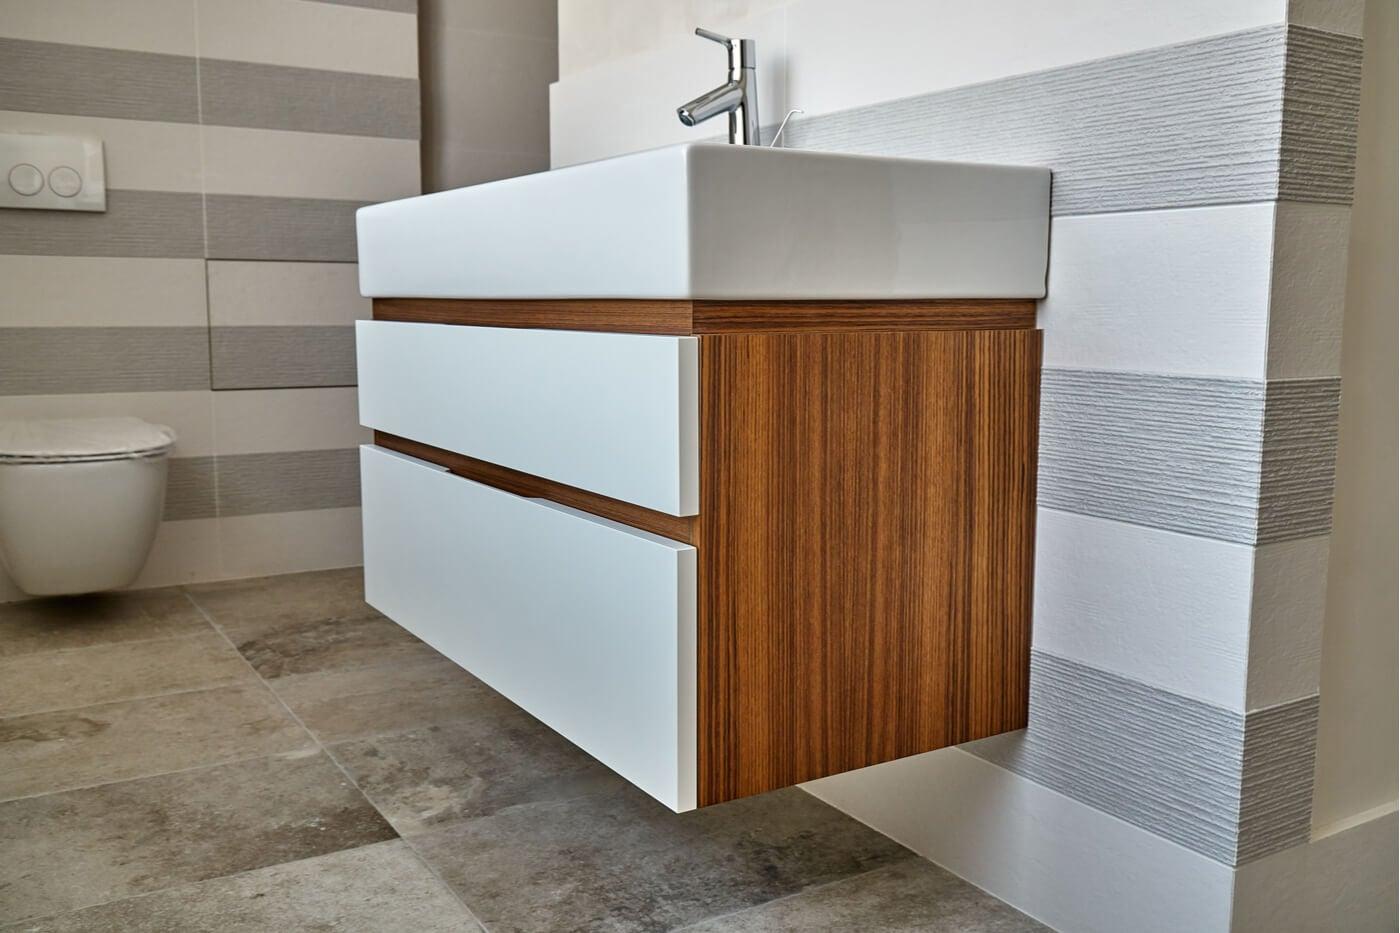 Recursos decorativos: mueble de madera de teca para el baño